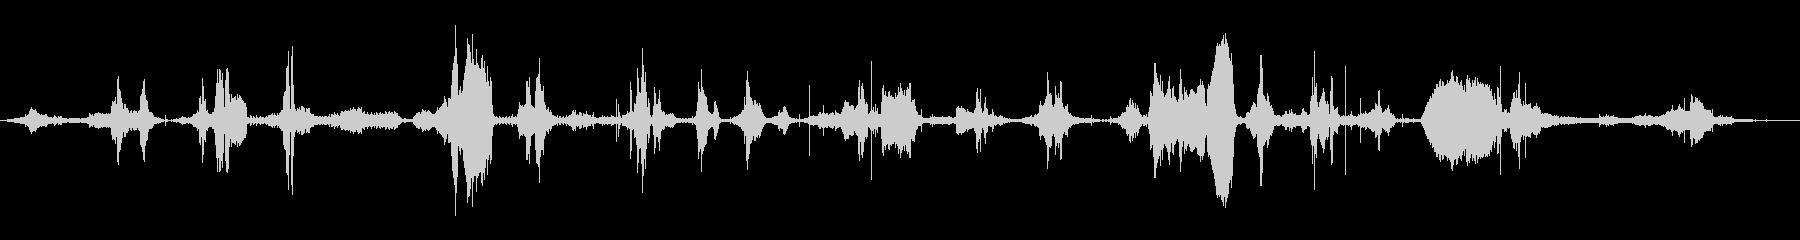 ラジオチューニング音 の未再生の波形